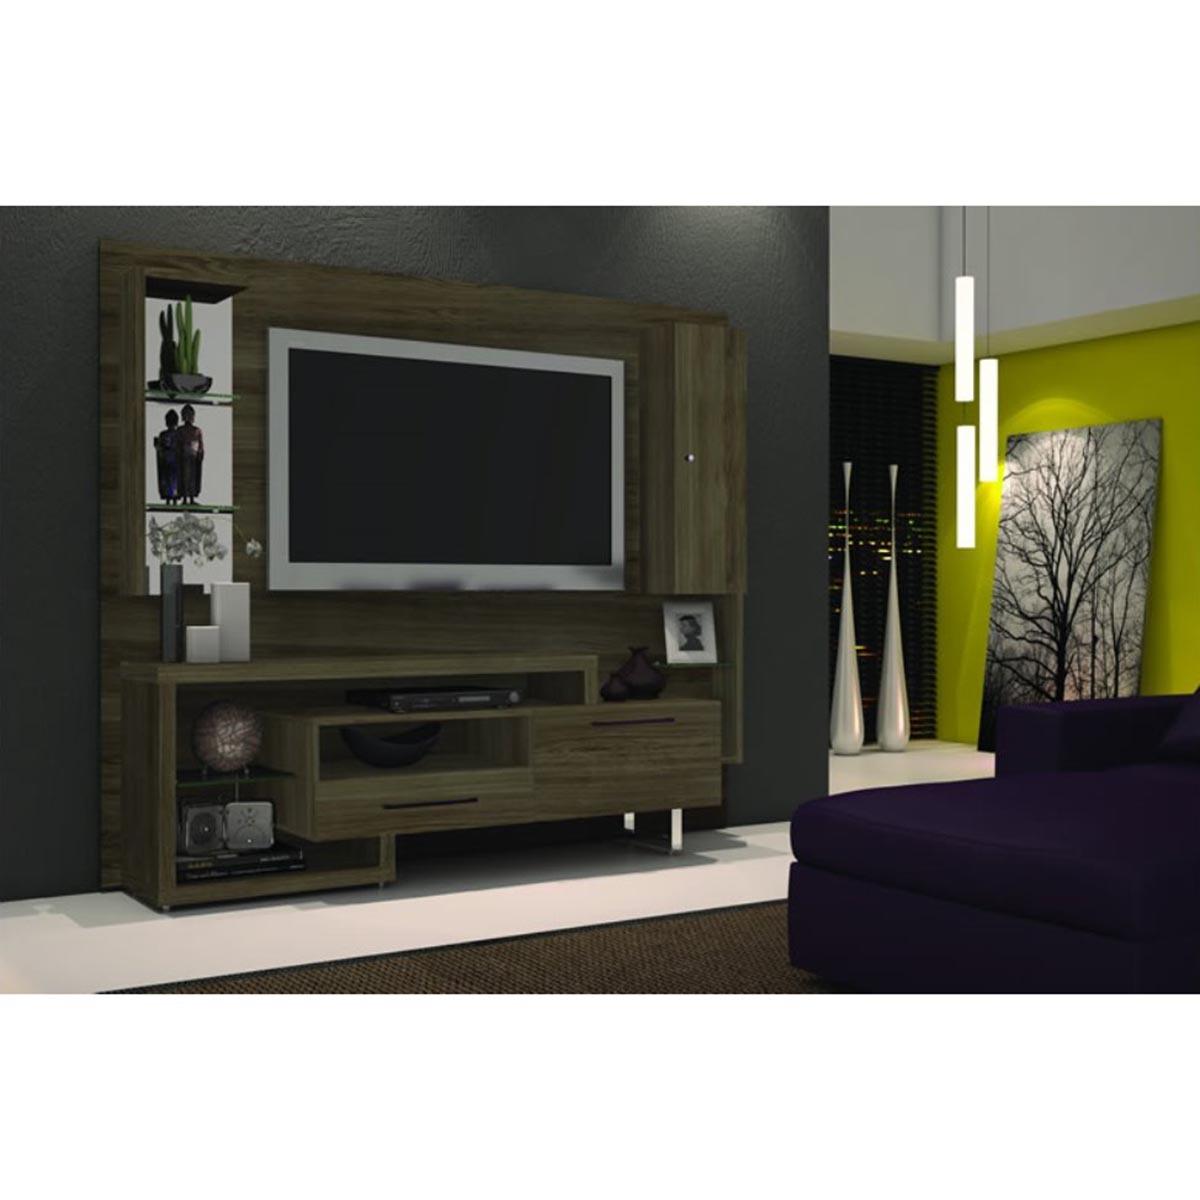 Muebles Makenna - Modular Makenna Helsinque Roble Oscuro 7 760 50 En Mercado Libre[mjhdah]https://http2.mlstatic.com/kit-de-cocina-makenna-cz347-sobre-y-bajo-mesada-D_NQ_NP_927601-MLA20386800378_082015-F.jpg